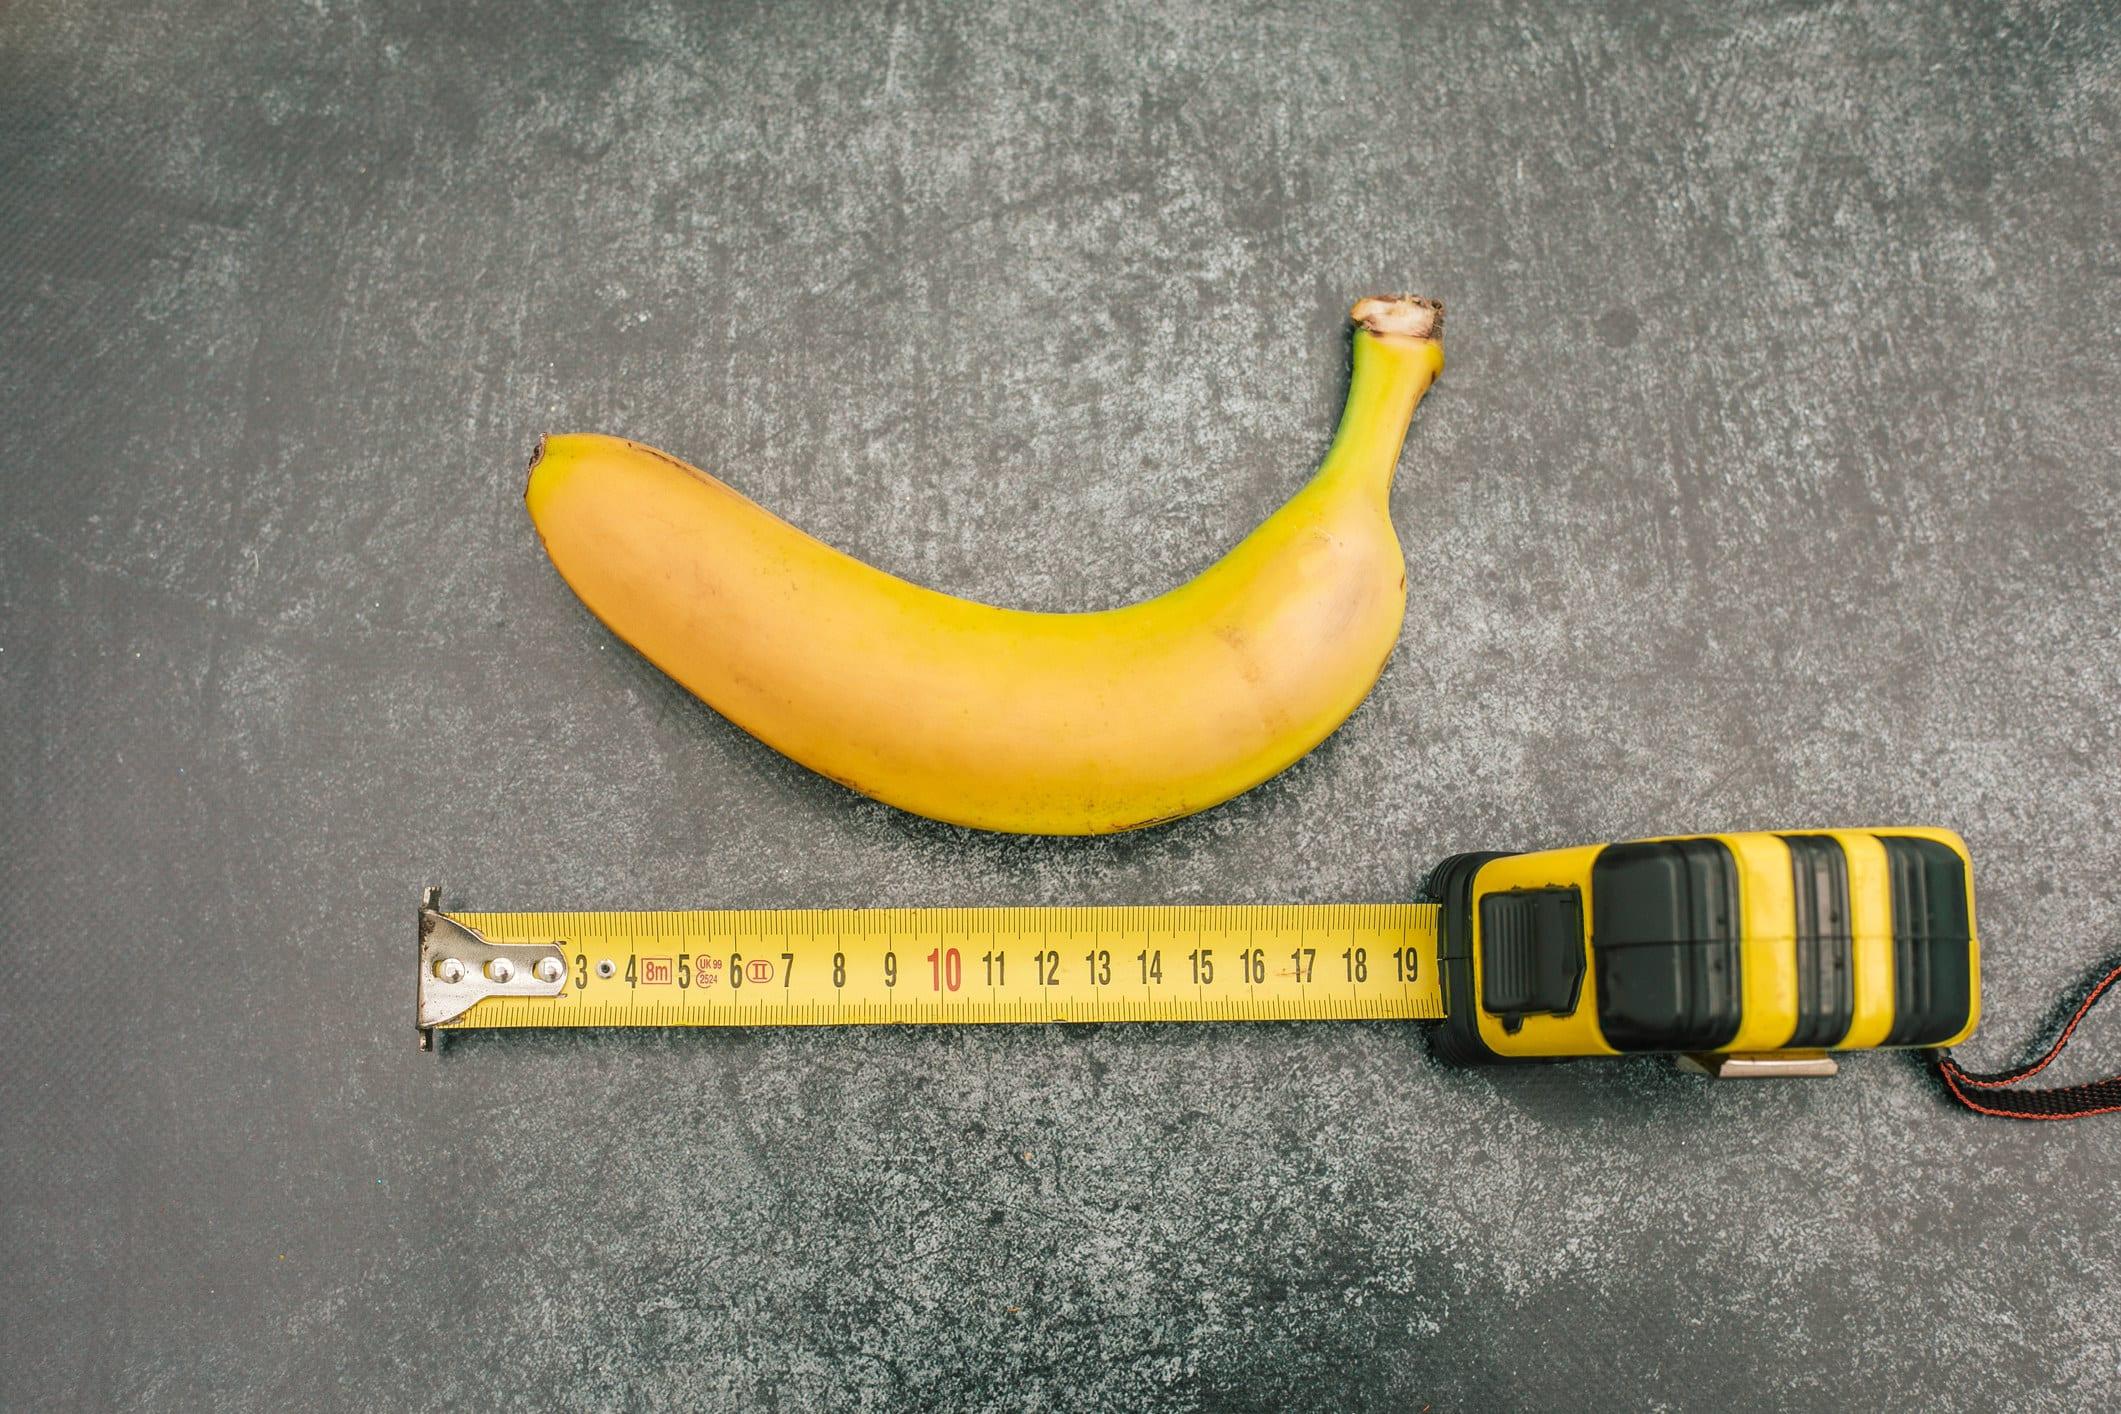 uma banana ao lado de uma fita métrica